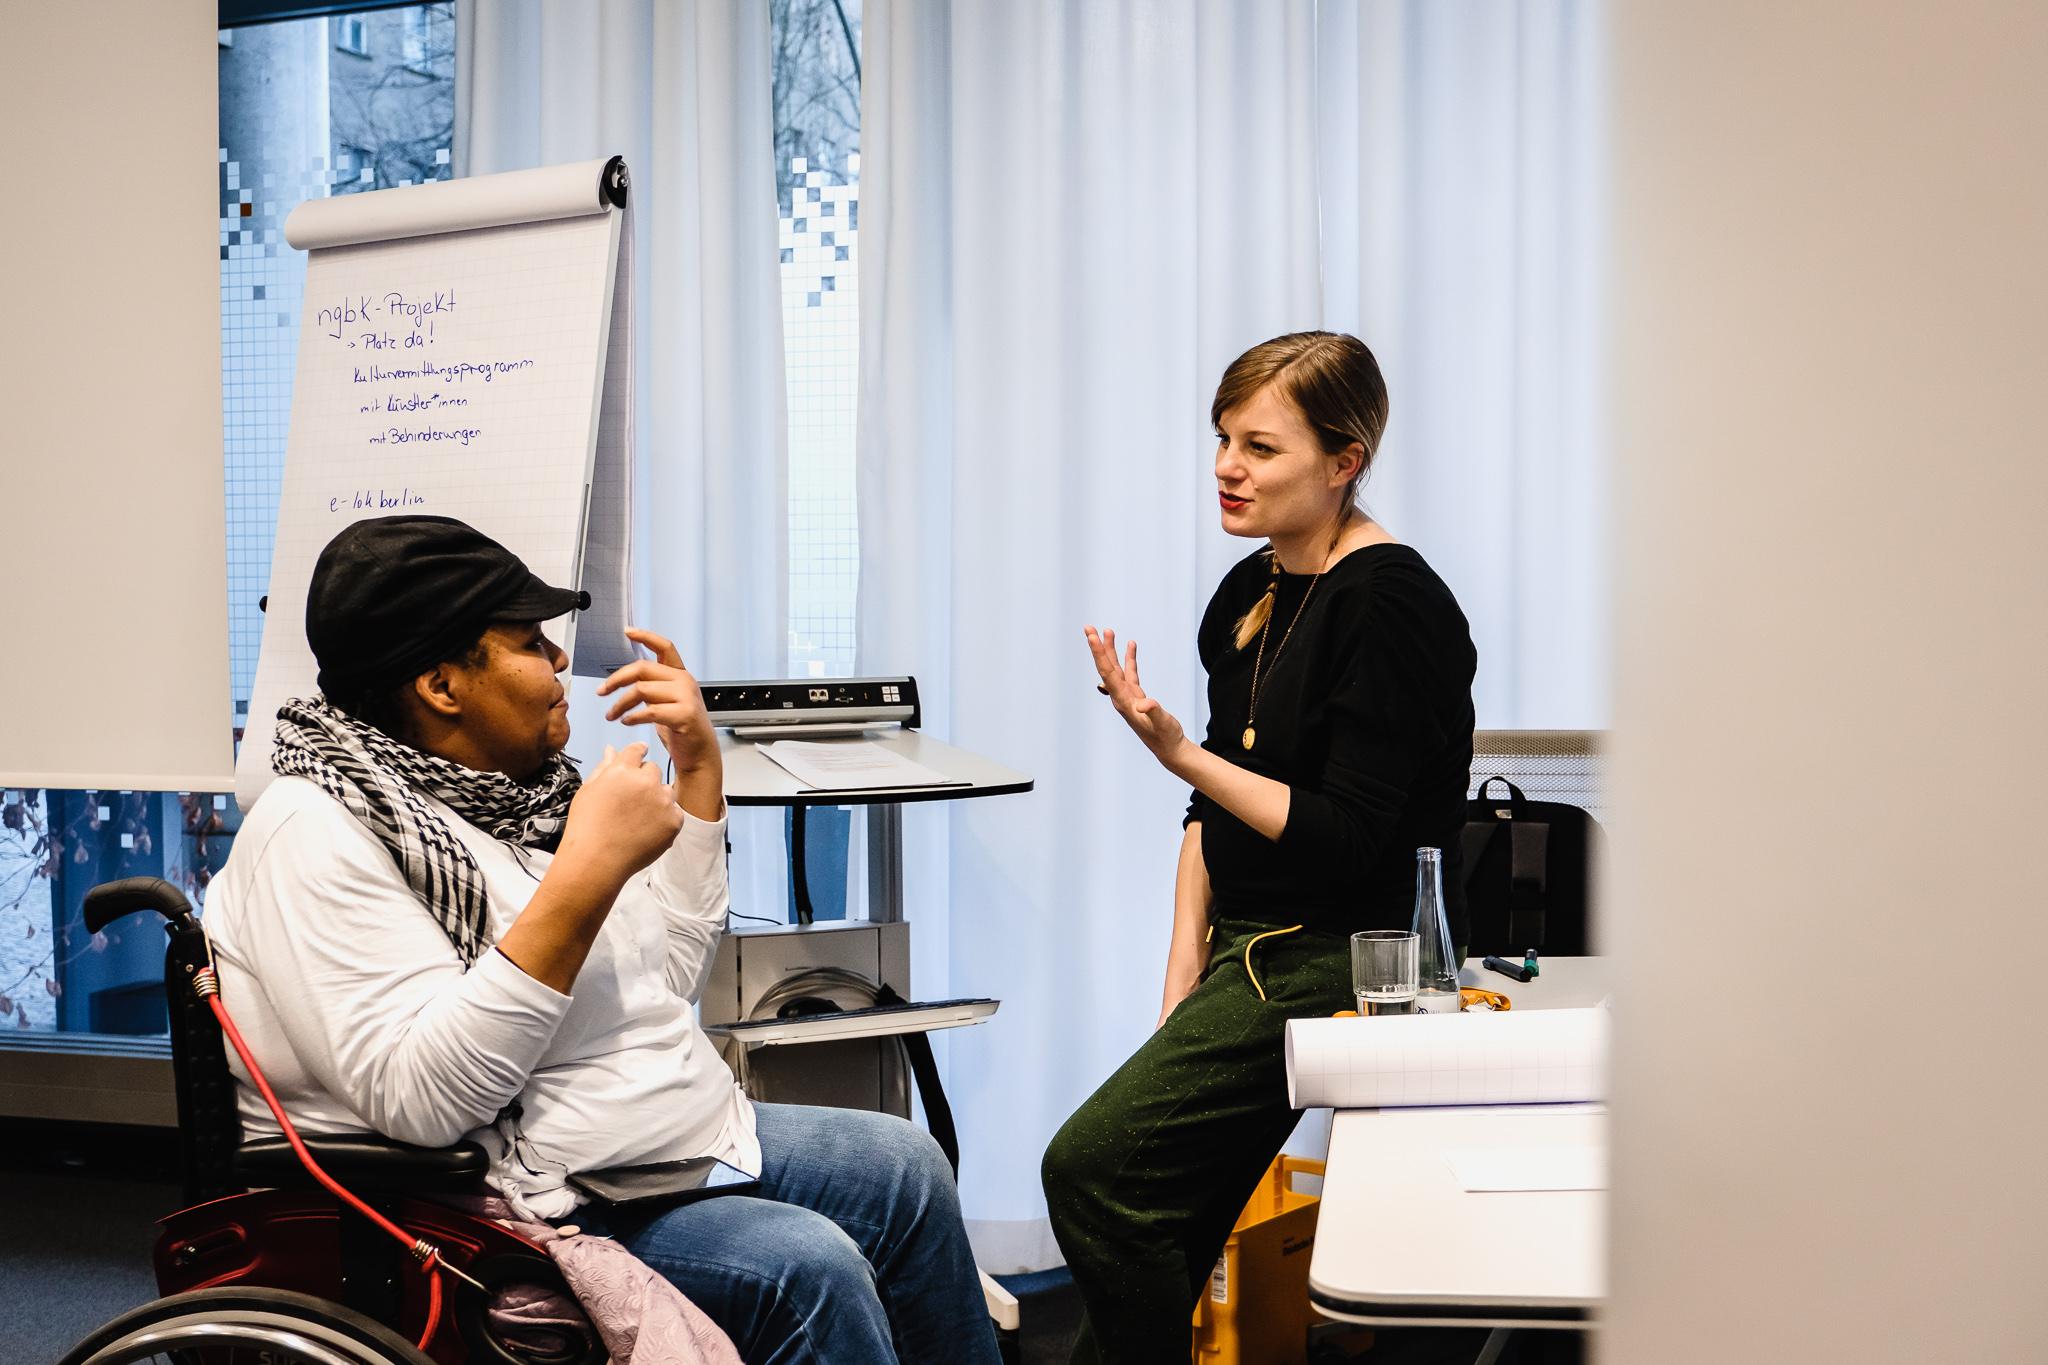 Workshop-Organisatorin Lilian Masuhr mit Teilnehmerin Nwebo Niermann im Gespräch. Nwebo trägt eine schwarze Käppi, einen weißen Pullover zu Jeans und ist mit dem Rollstuhl unterwegs. Lilian trägt einen schwarzen Pullover und eine grüne Jogginghose. Ihre blonden Haare sind zum Zopf zur Seite gebunden.